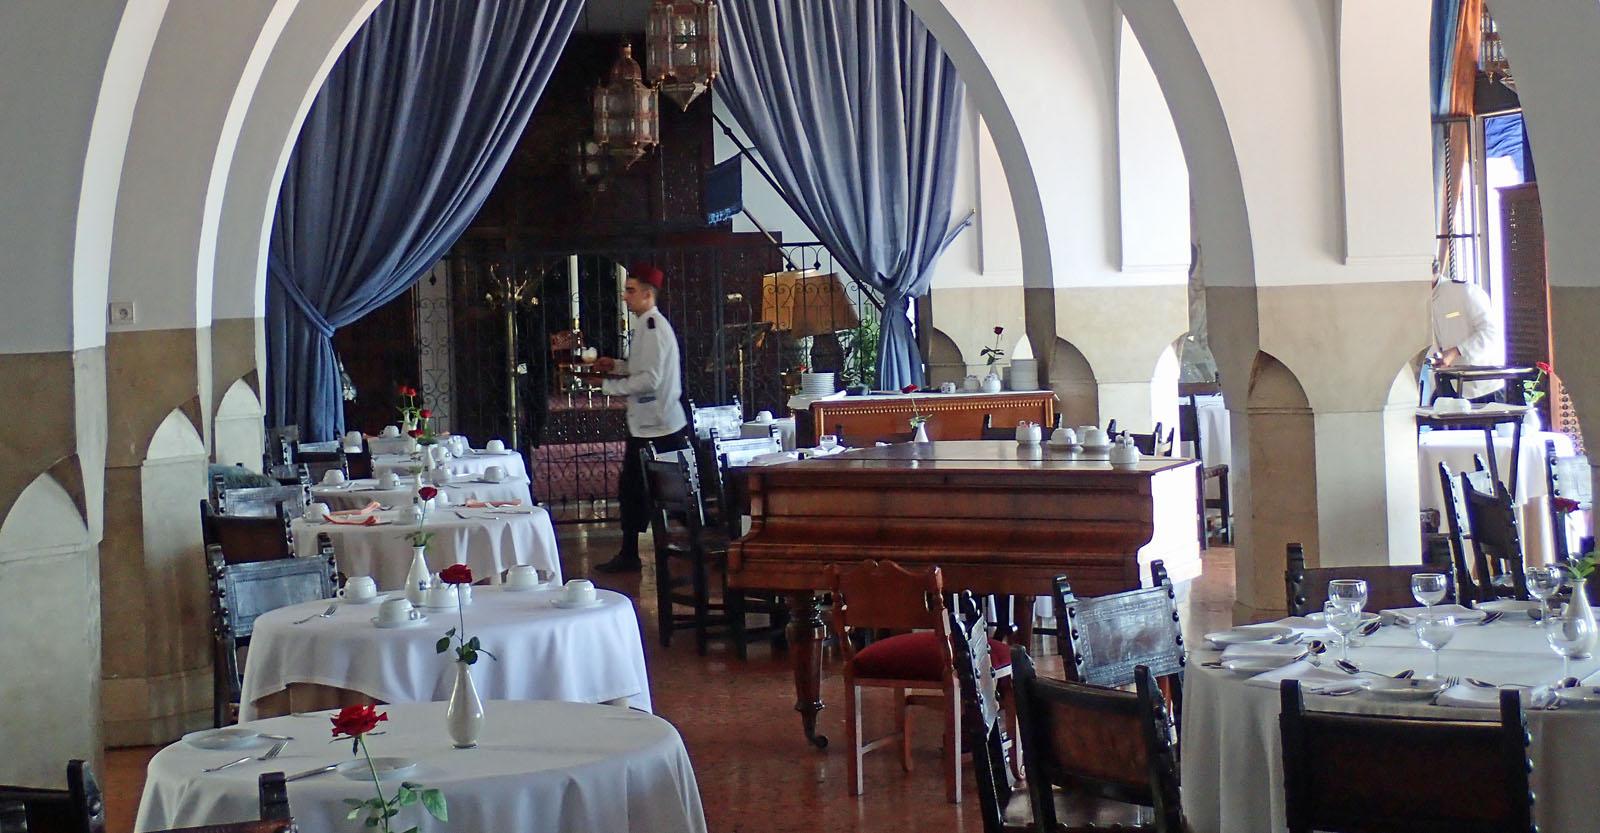 Restaurant «El Erz» im Hotel El Minzah in Tanger- das Original von Rick's Café Americaine